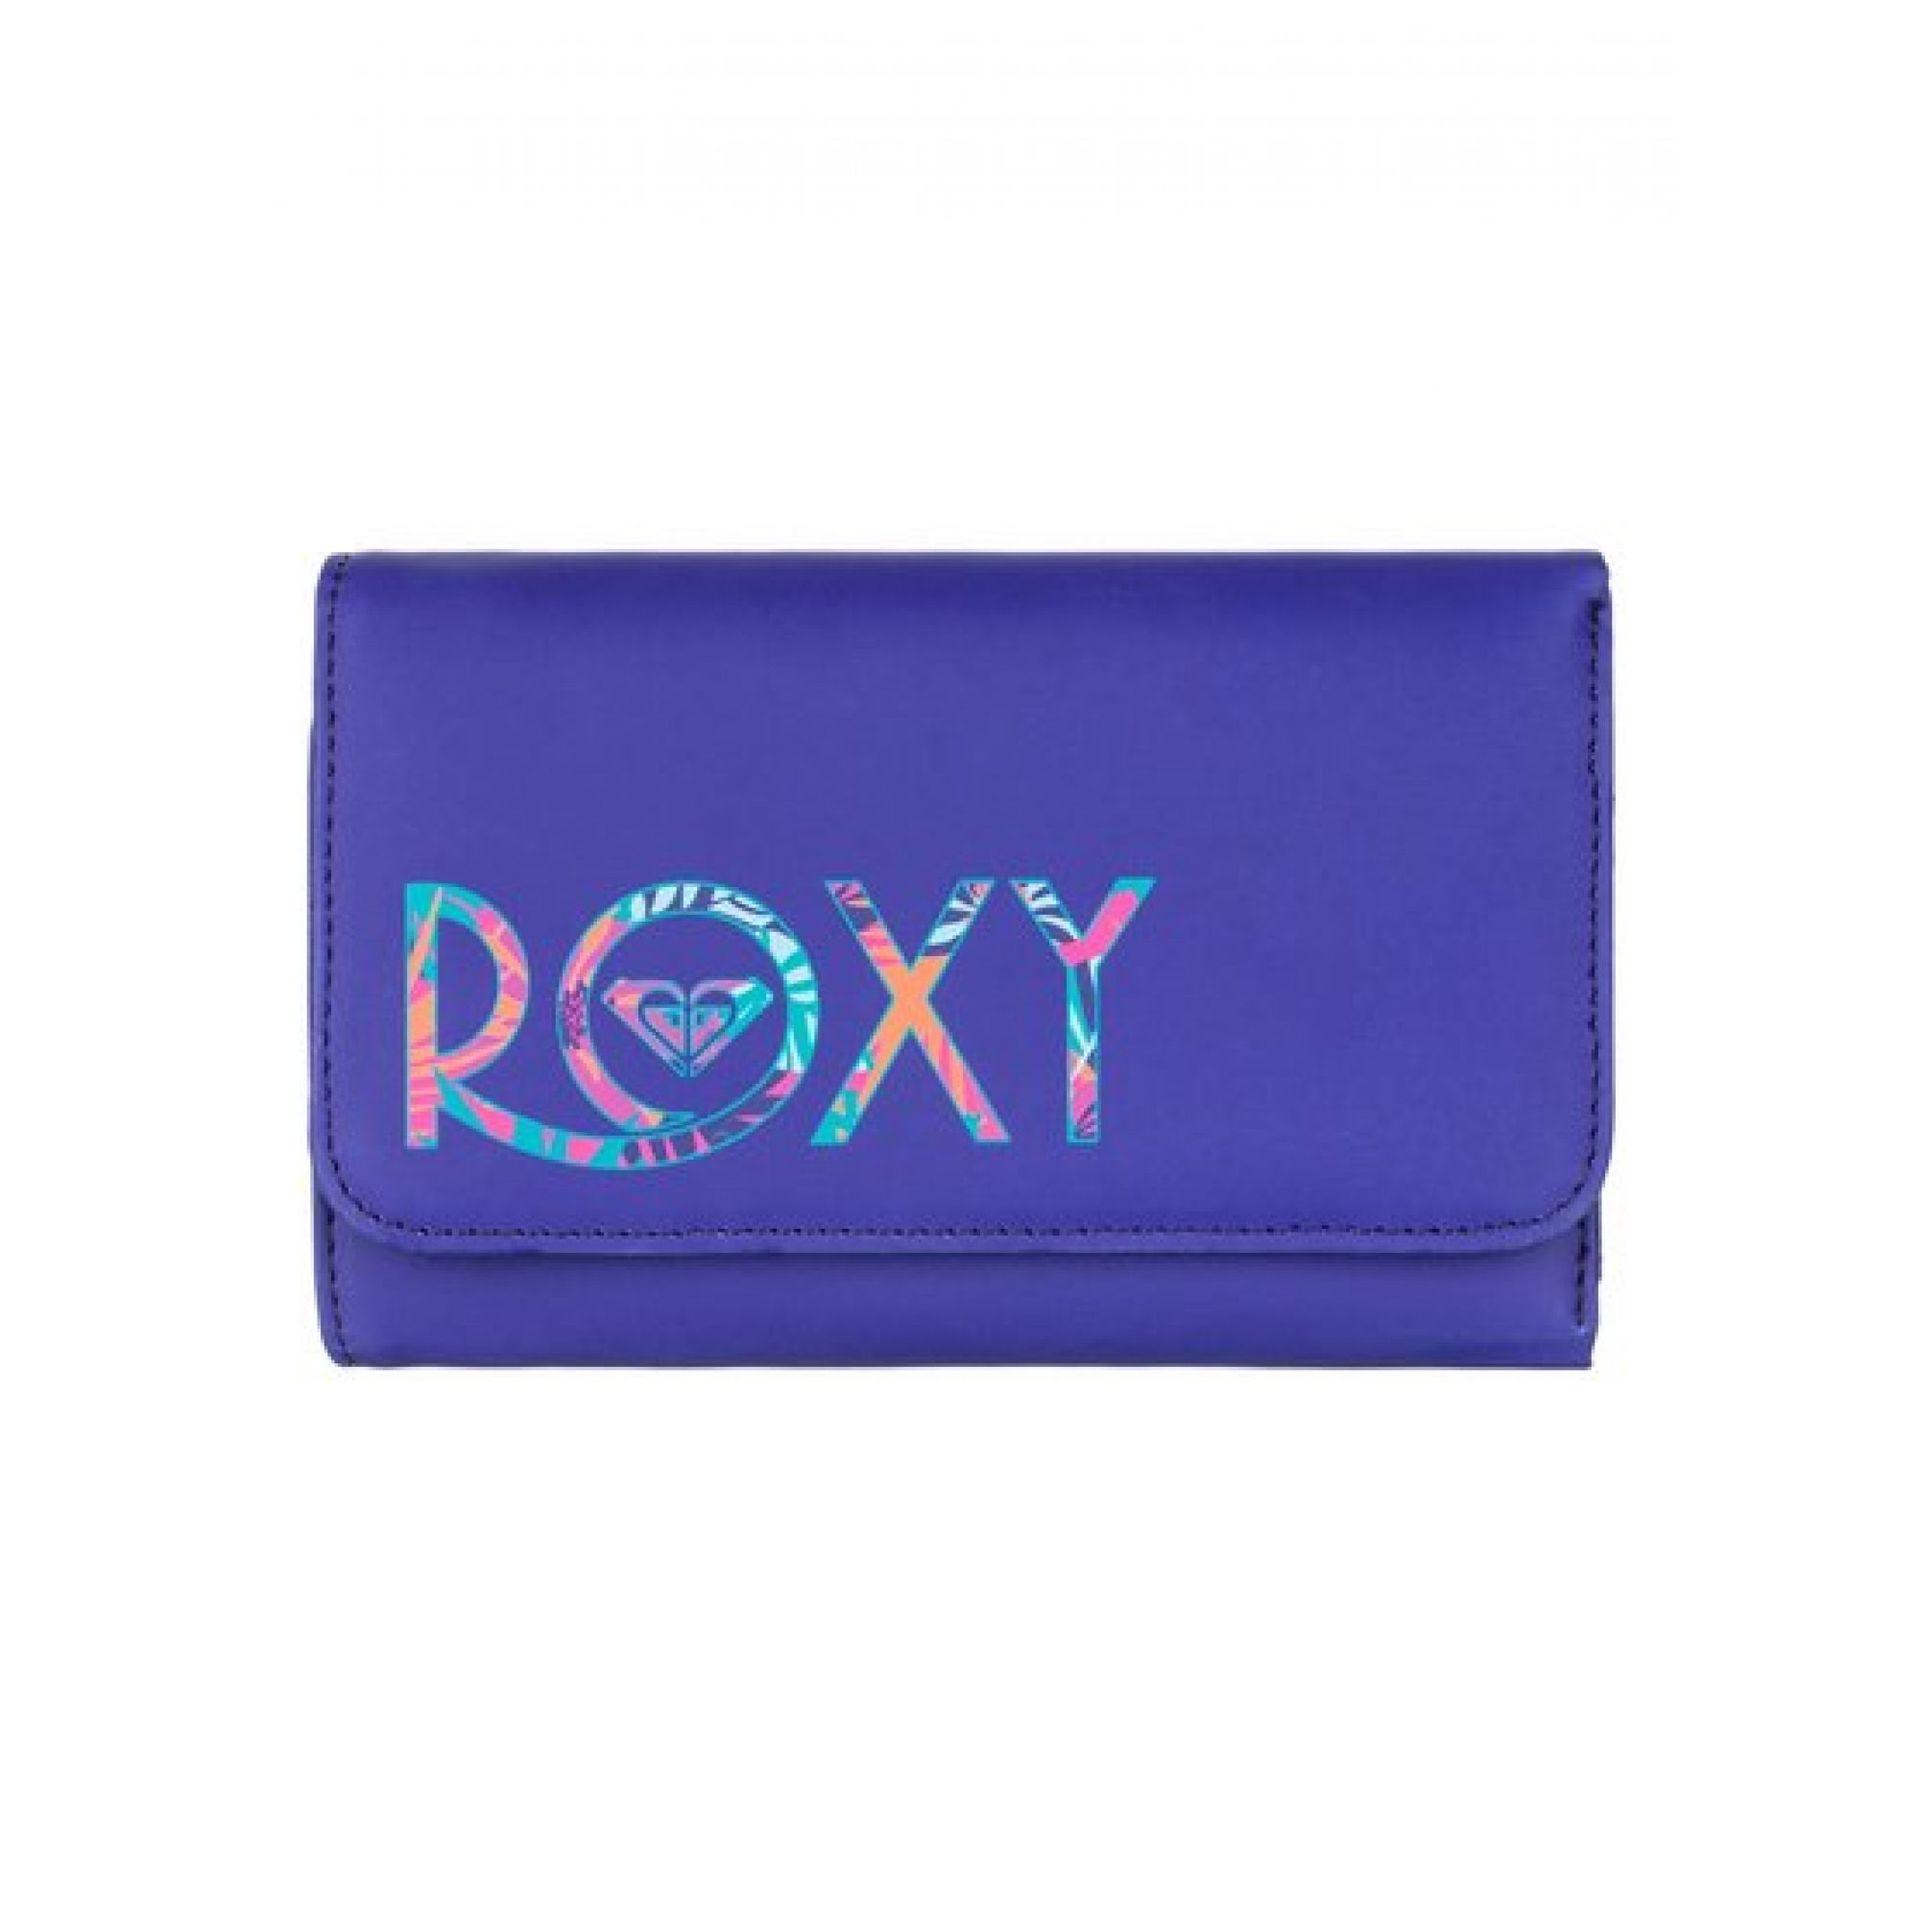 Portfel Roxy Shui niebieski